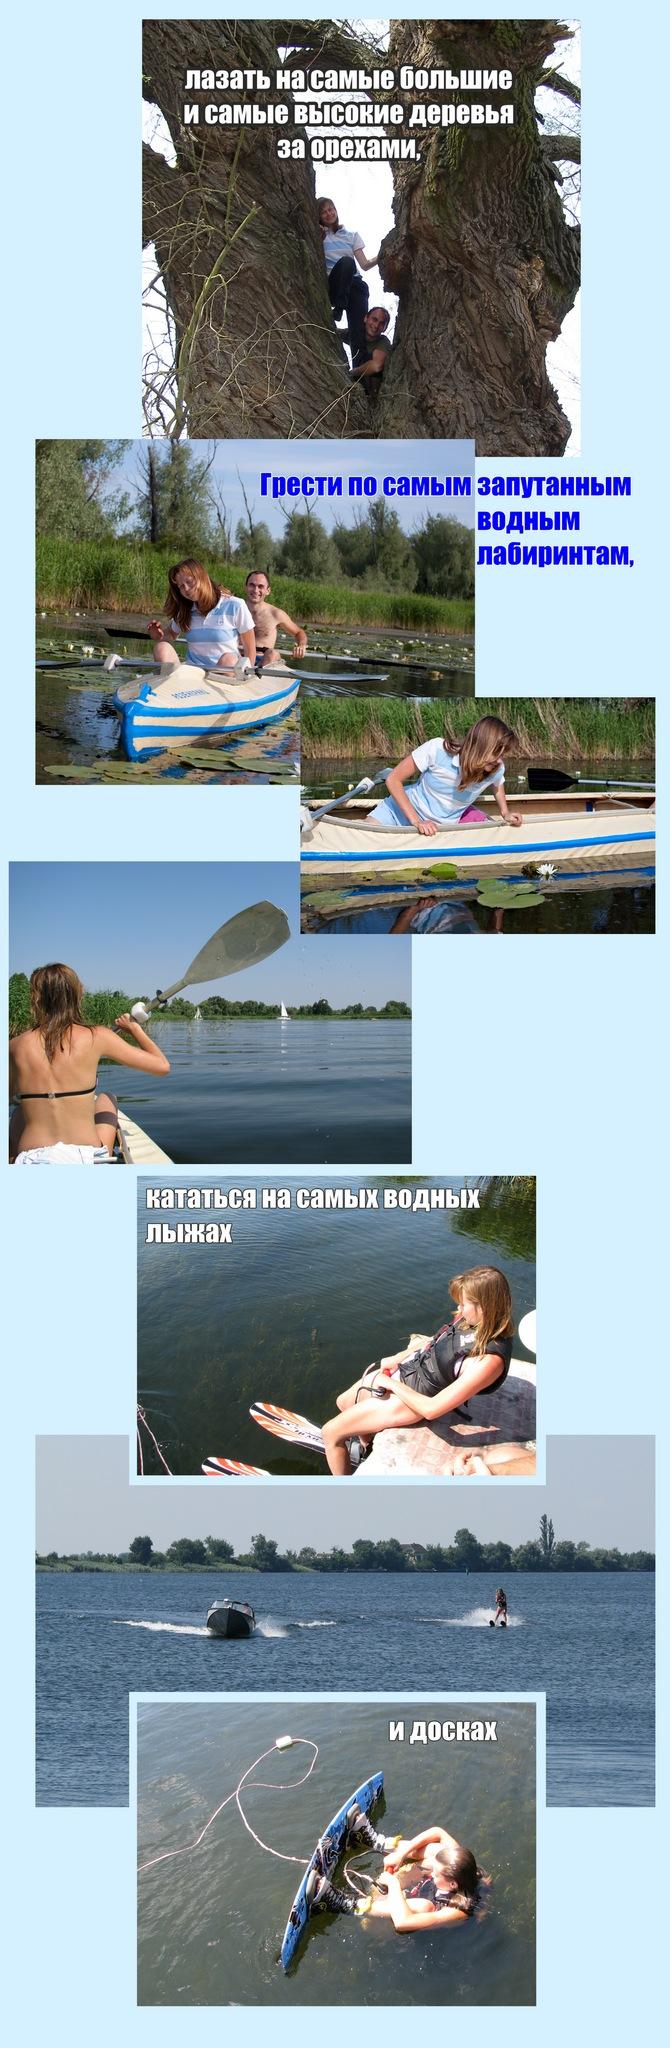 http://cs5299.vkontakte.ru/u10834284/120259584/w_4ba5570b.jpg